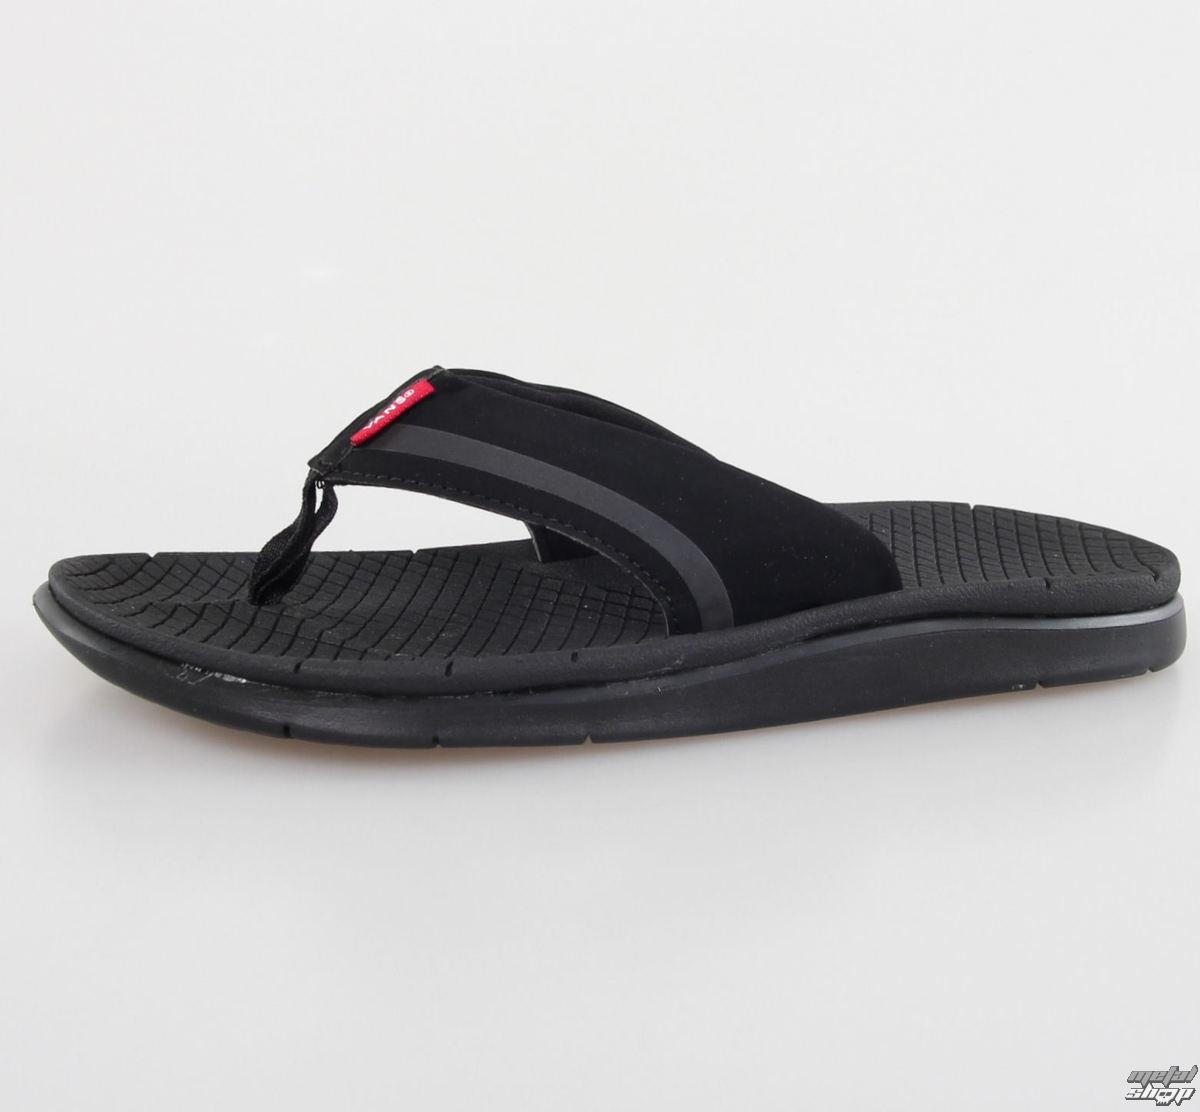 sandály pánské VANS - UC1 - Black/Black - VZTJBKA